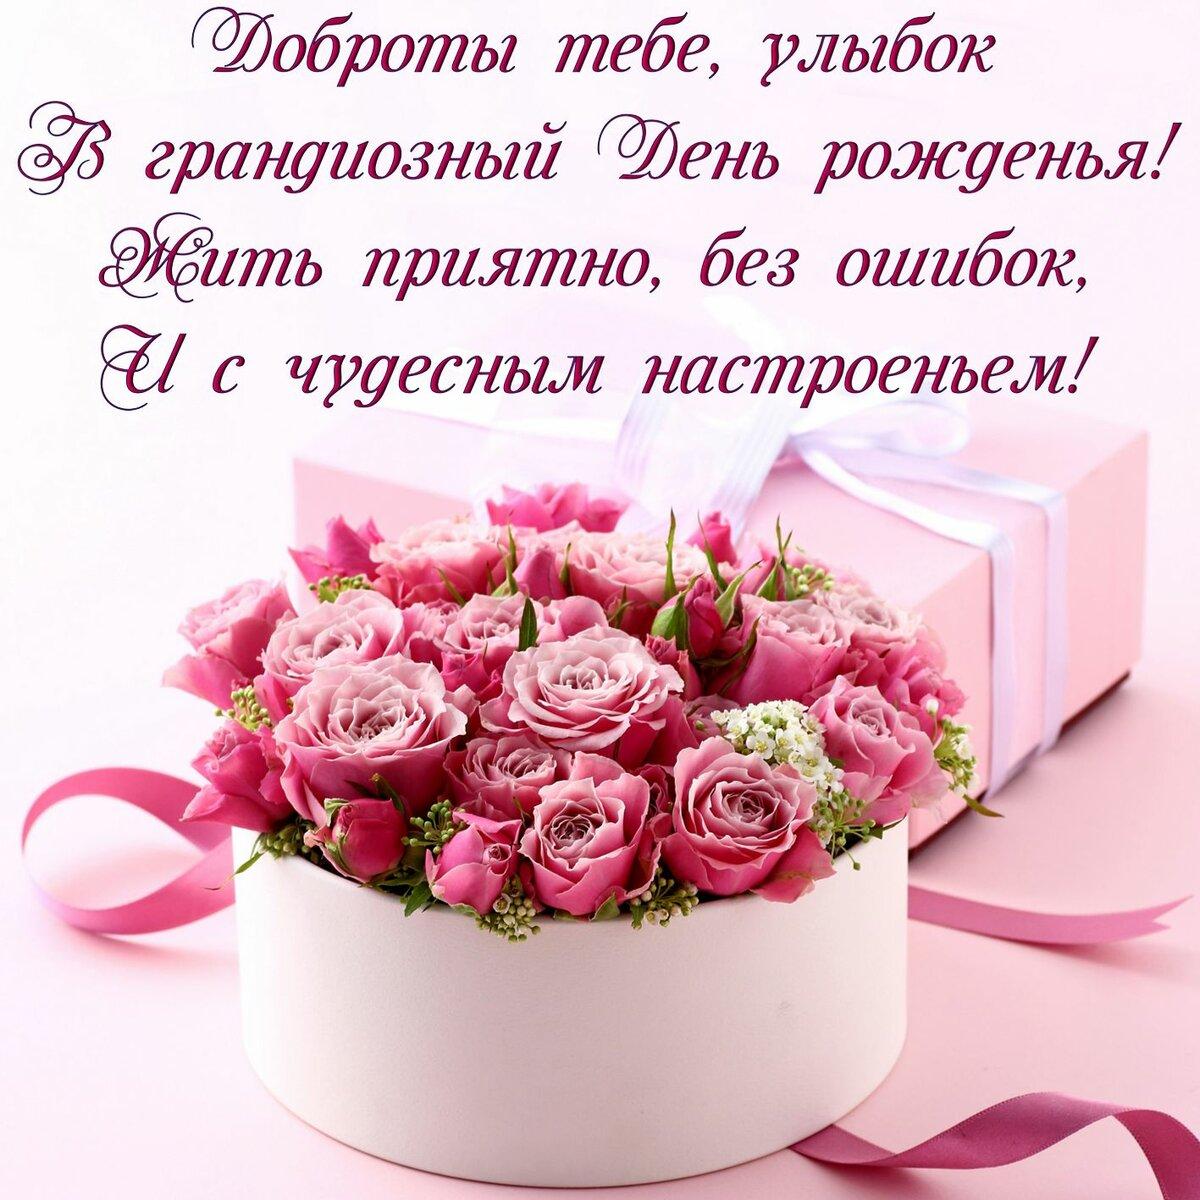 Красивые открытки с цветами для женщины с днем рождения, хорошей недели картинки